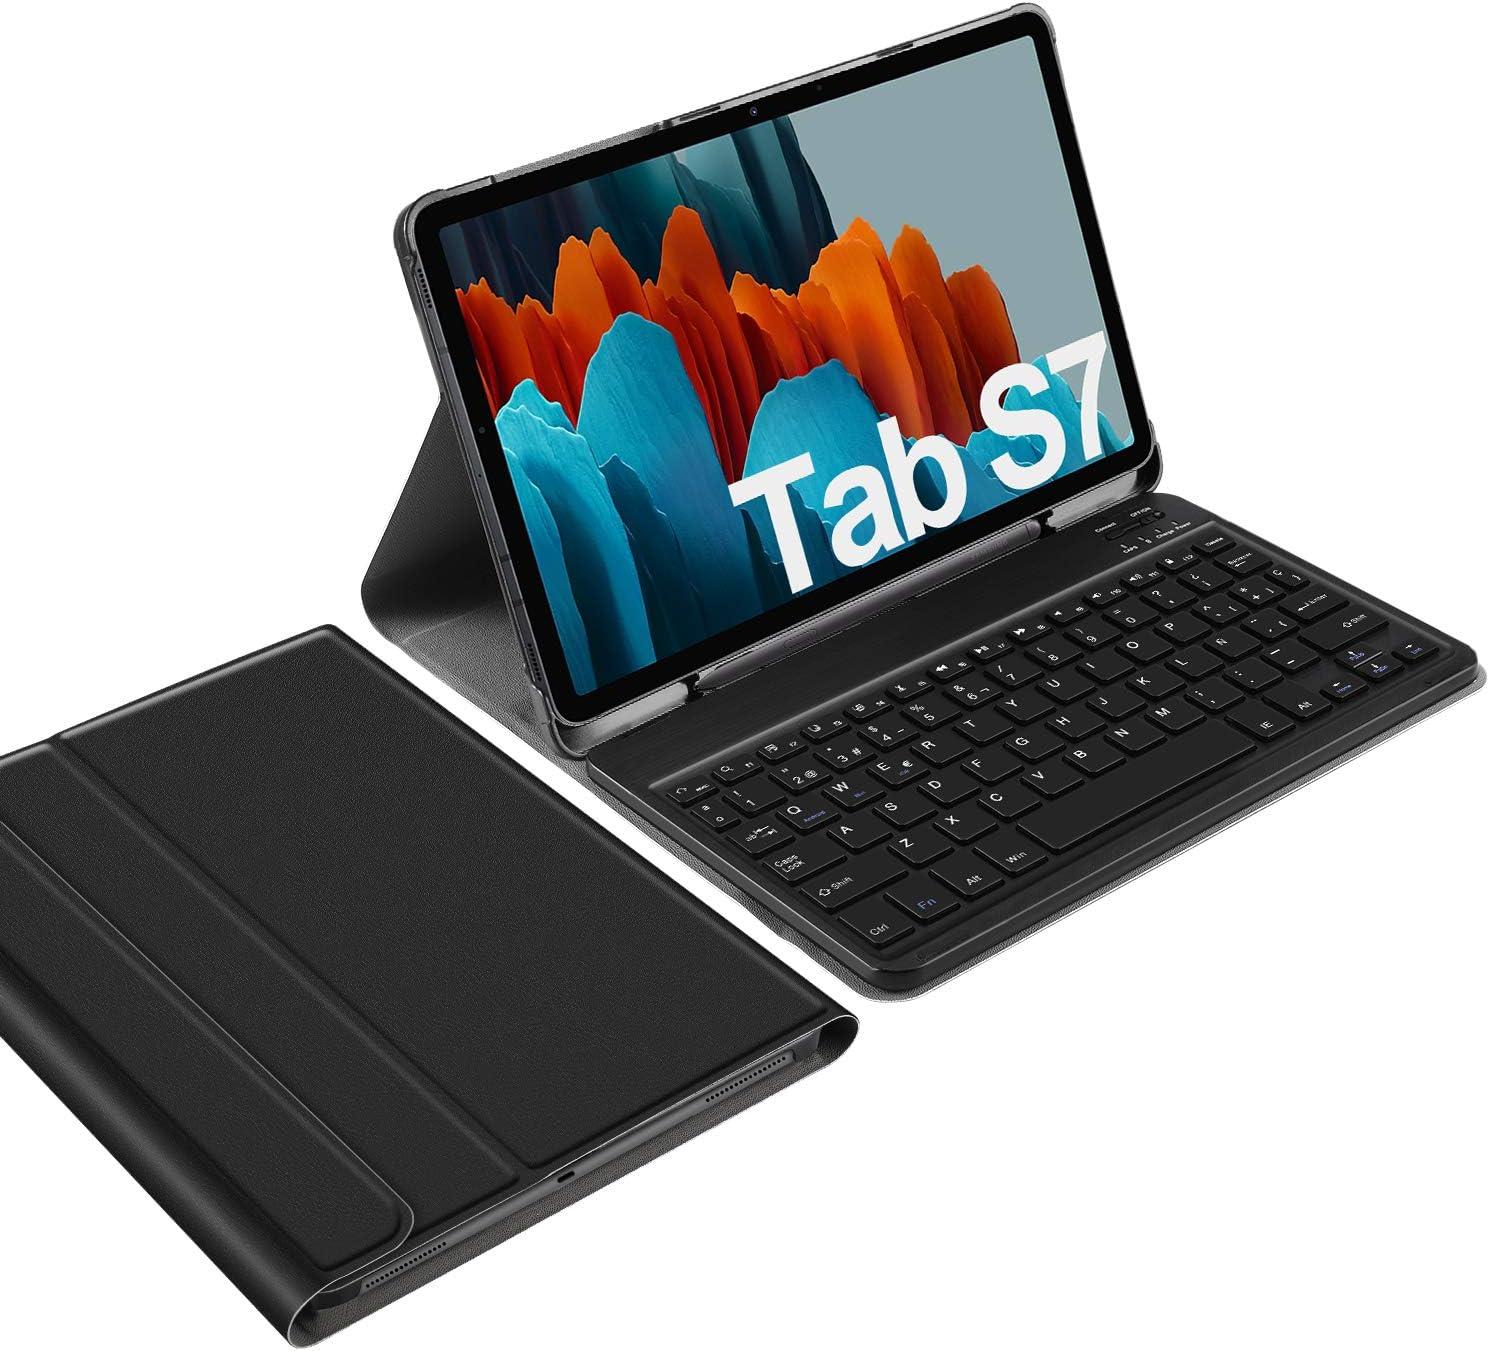 IVSO Español Ñ Teclado para Samsung Galaxy Tab S7, para Samsung Galaxy Tab S7 11.0 Teclado, Funda con Removible Wireless Teclado con Ñ para Samsung ...